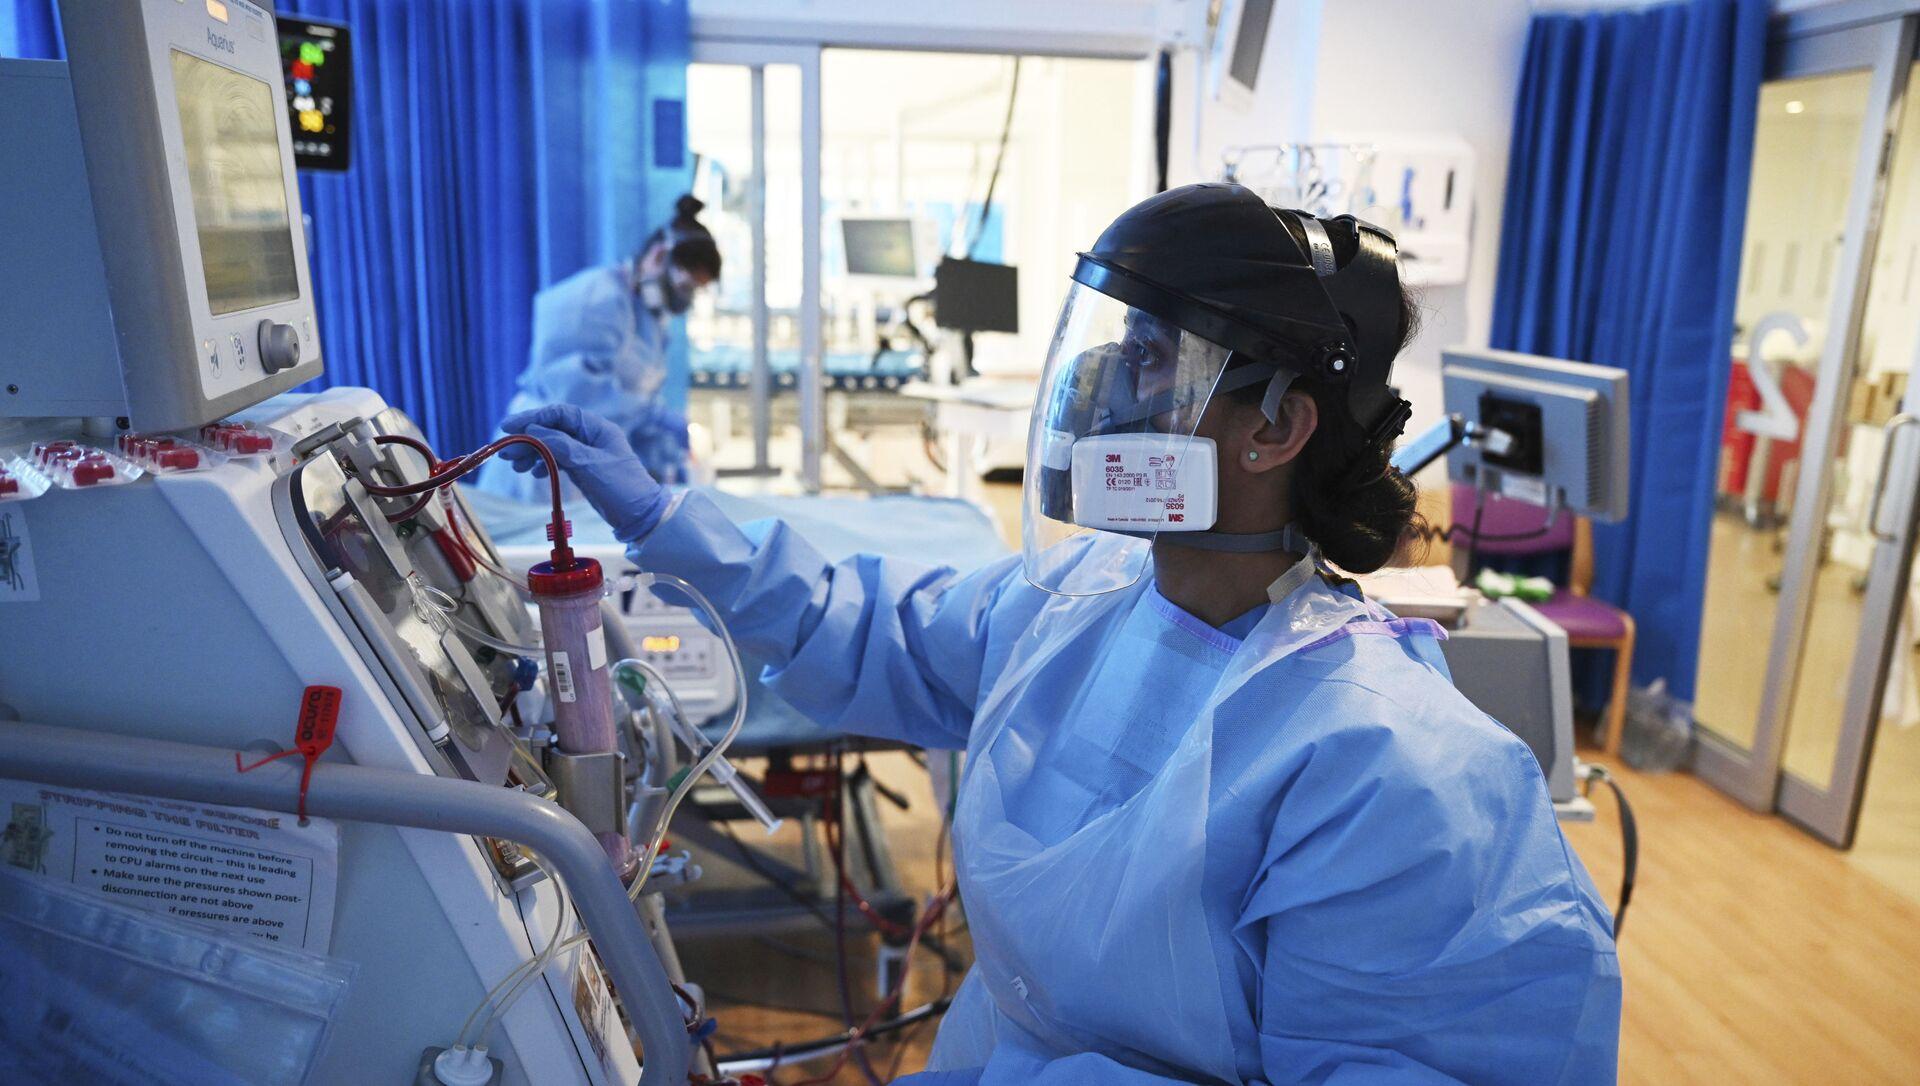 Hỗ trợ một bệnh nhân được chẩn đoán mắc bệnh coronavirus tại bệnh viện, Vương quốc Anh - Sputnik Việt Nam, 1920, 28.06.2021